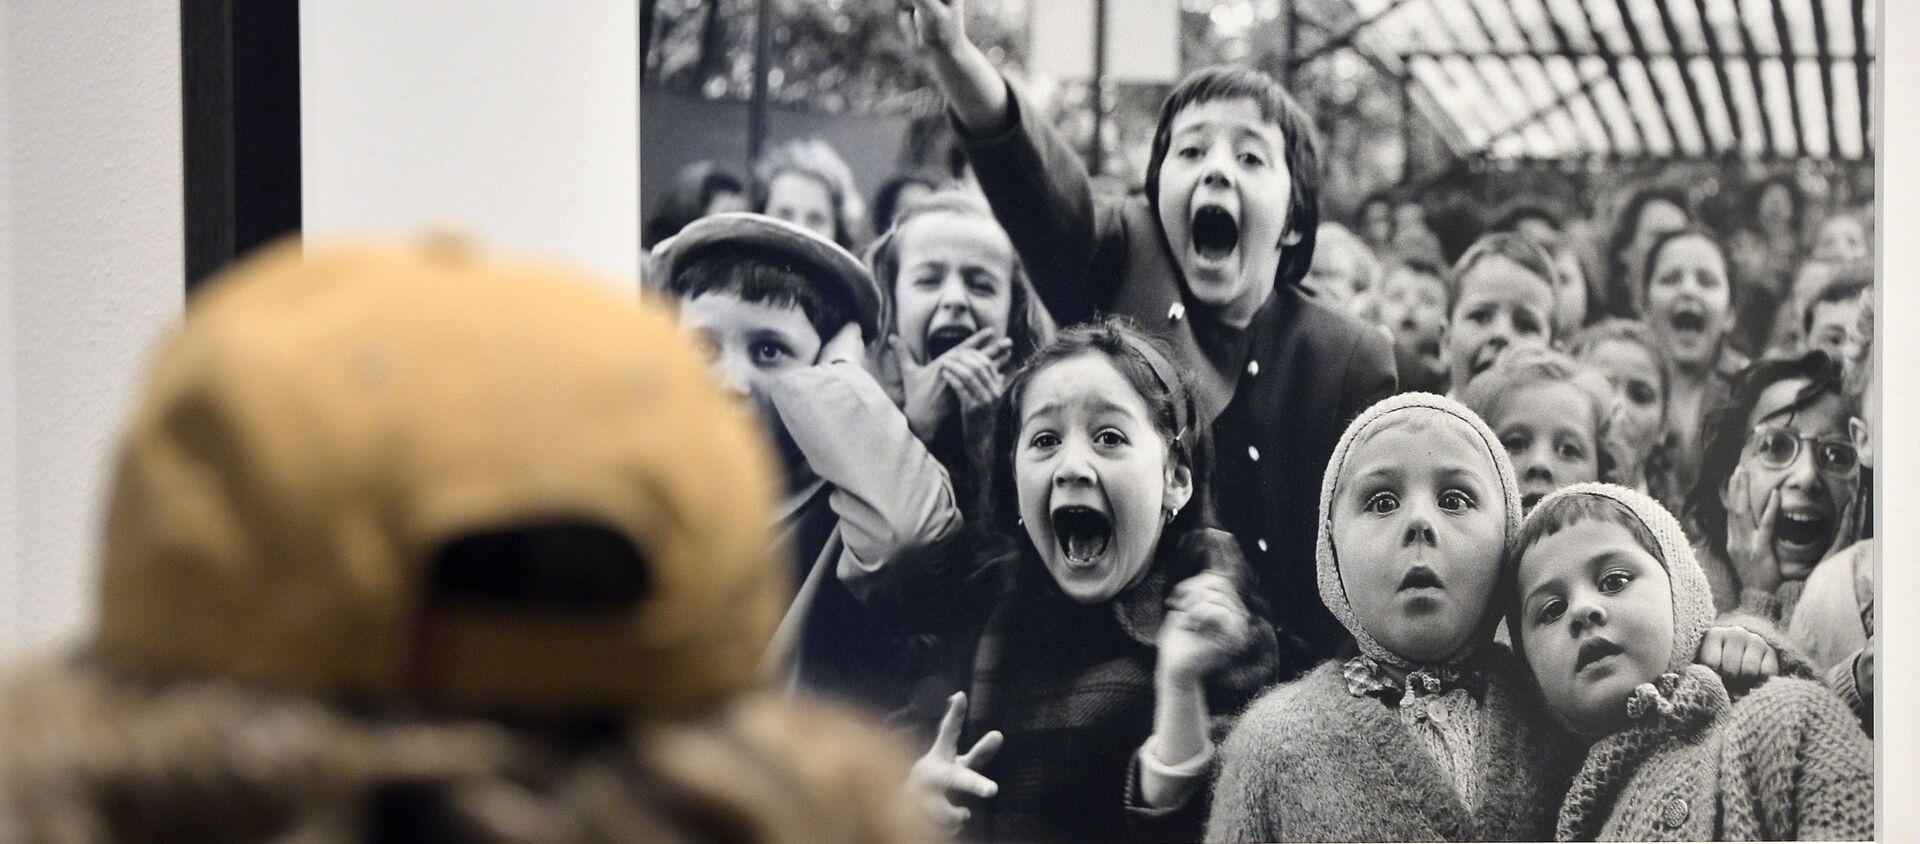 La foto Bambini davanti a un teatrino di burattini, Tuileries. Parigi 1963 di Alfred Eisenstaedt alla mostra Life. I grandi fotografi a Roma. - Sputnik Italia, 1920, 01.06.2020